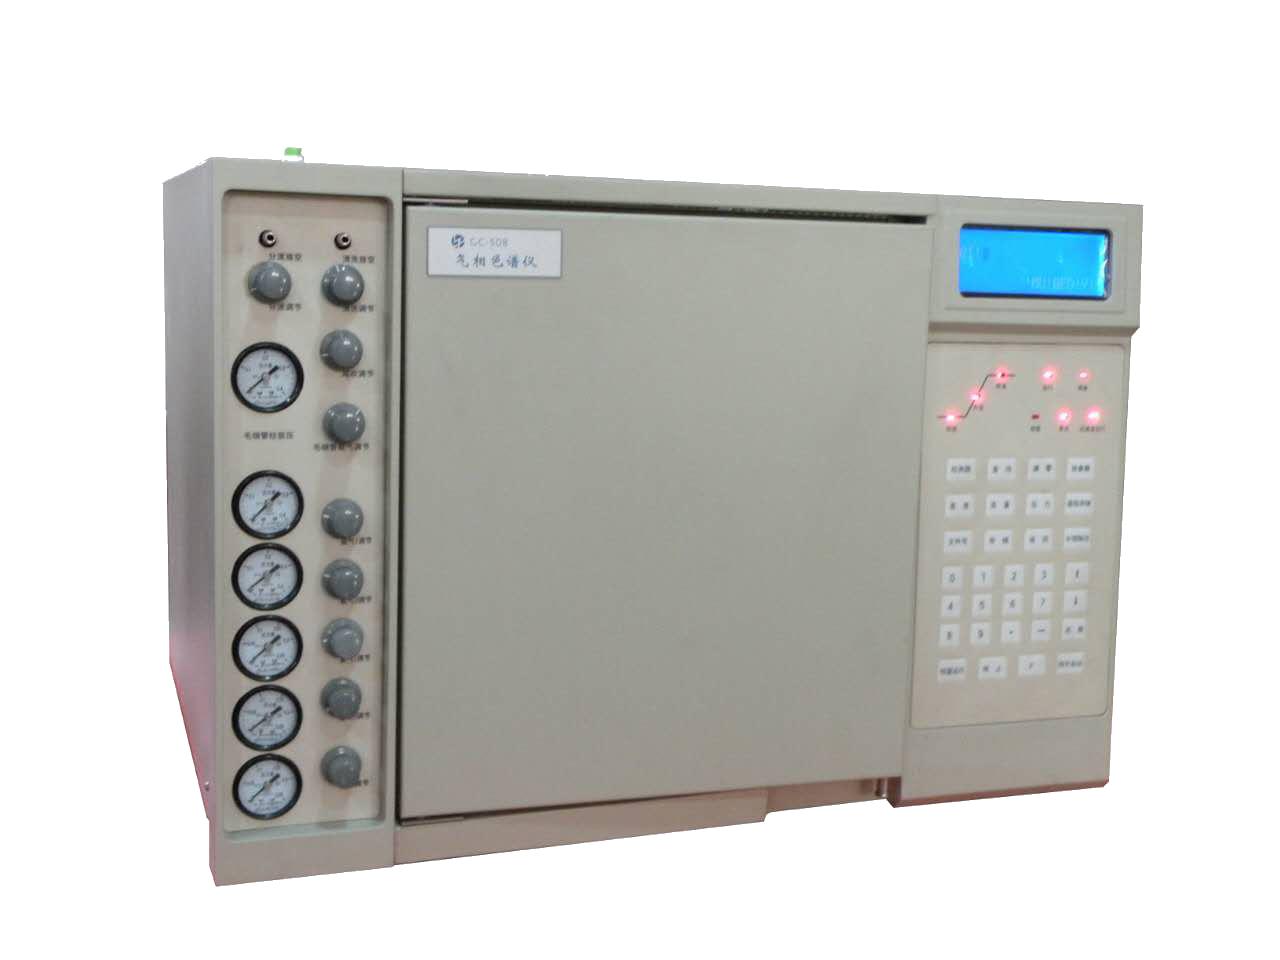 甲醇分析气相色谱仪/乙醇气相色谱仪厂家